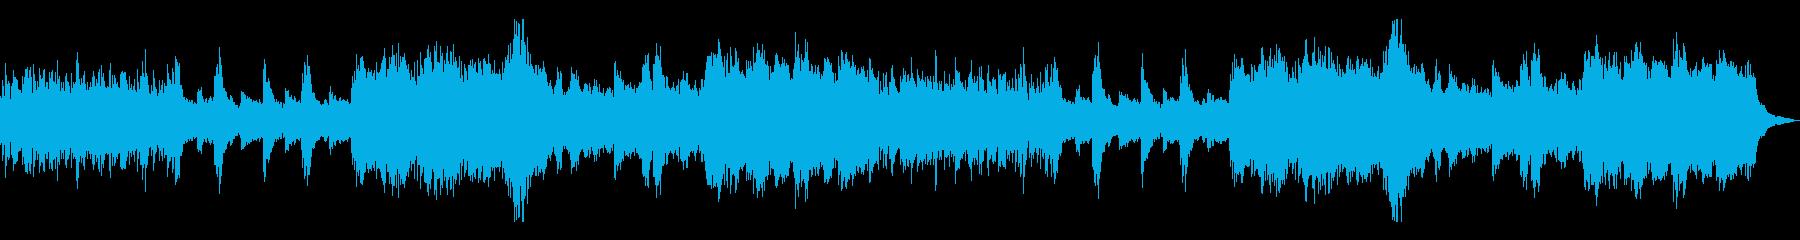 静かな緊迫/モダンな和風曲9B-ピアノ他の再生済みの波形